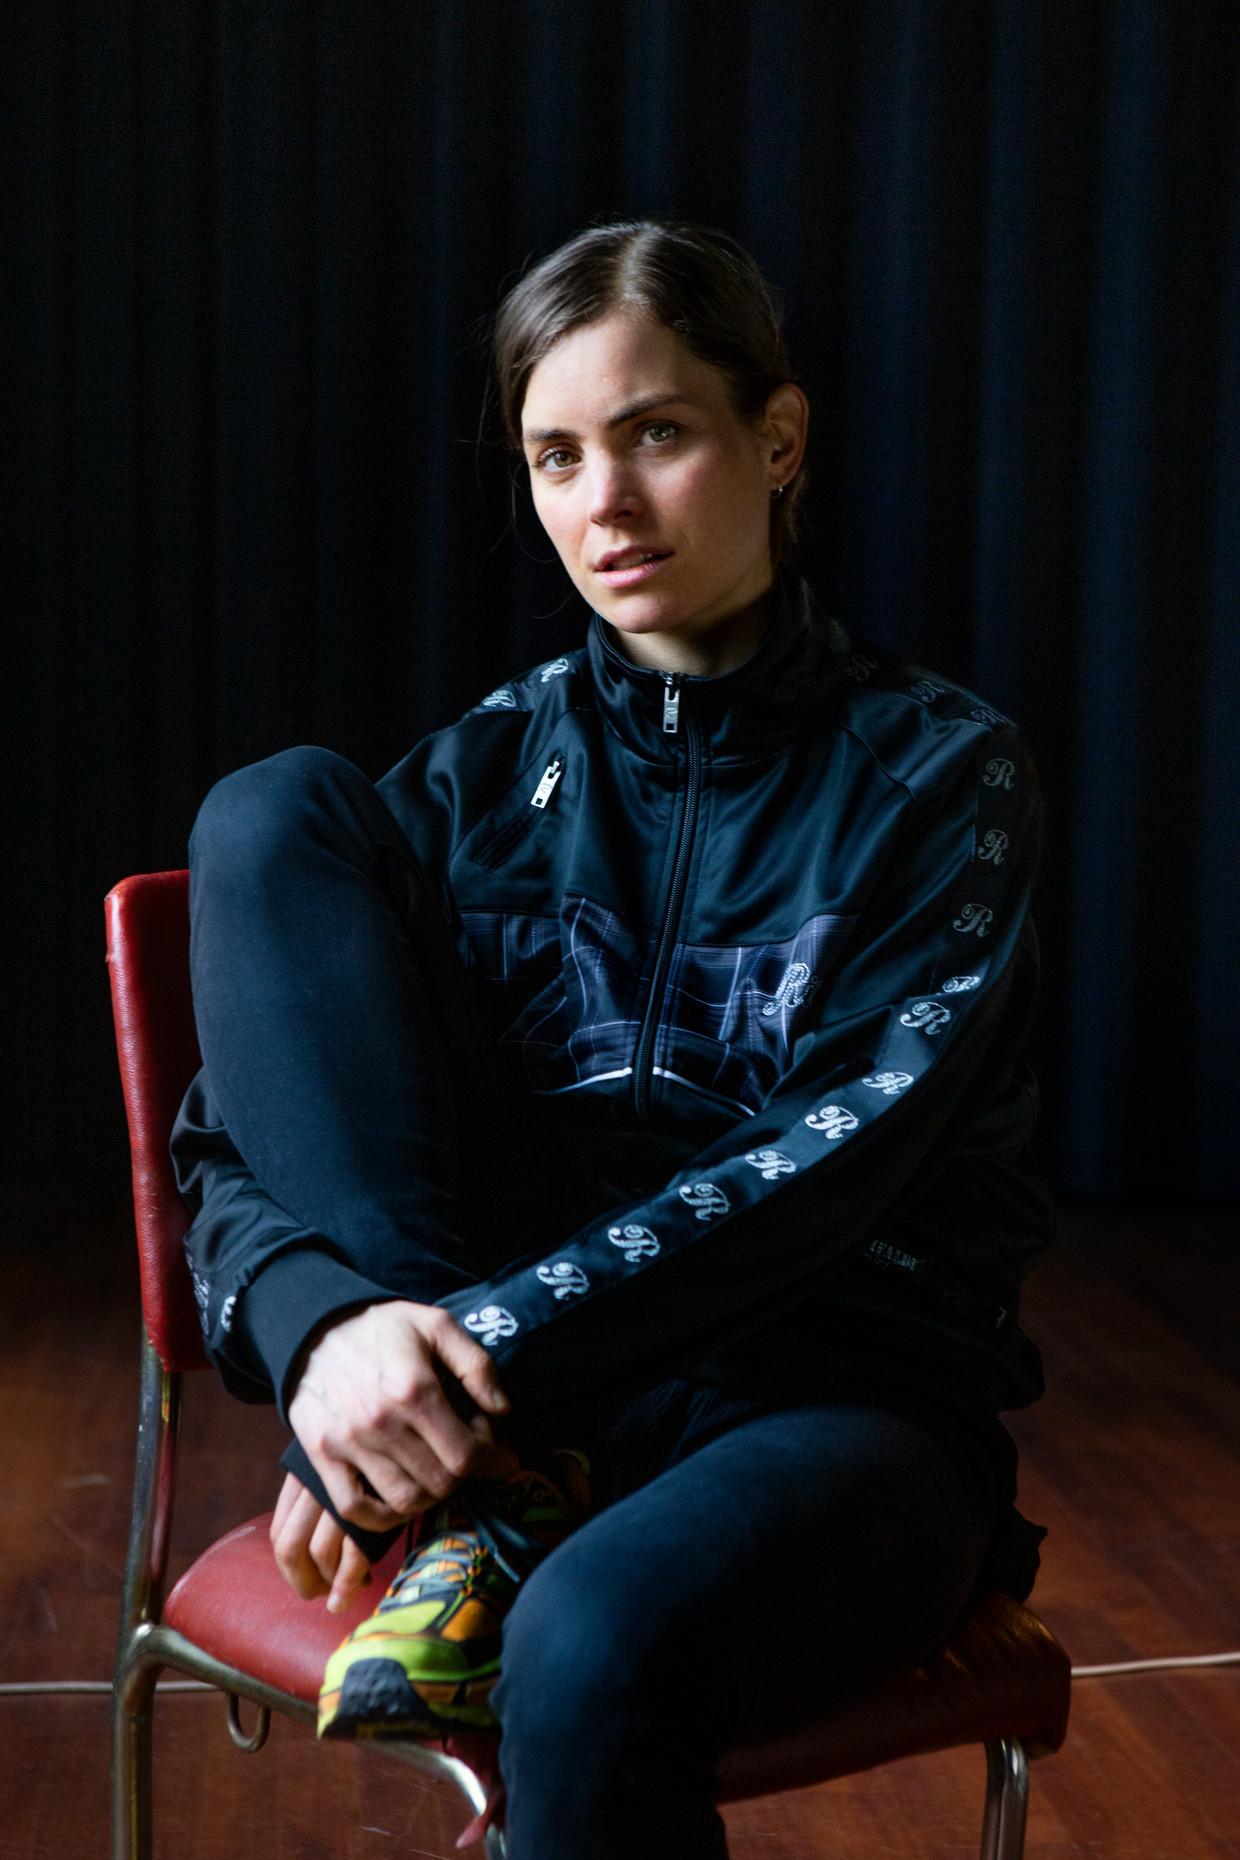 Hannah Hoekstra speelt in Carré de monoloog 'Een Duits leven' van Christopher Hampton in het kader van Theater Na de Dam.  Beeld Pauline Niks